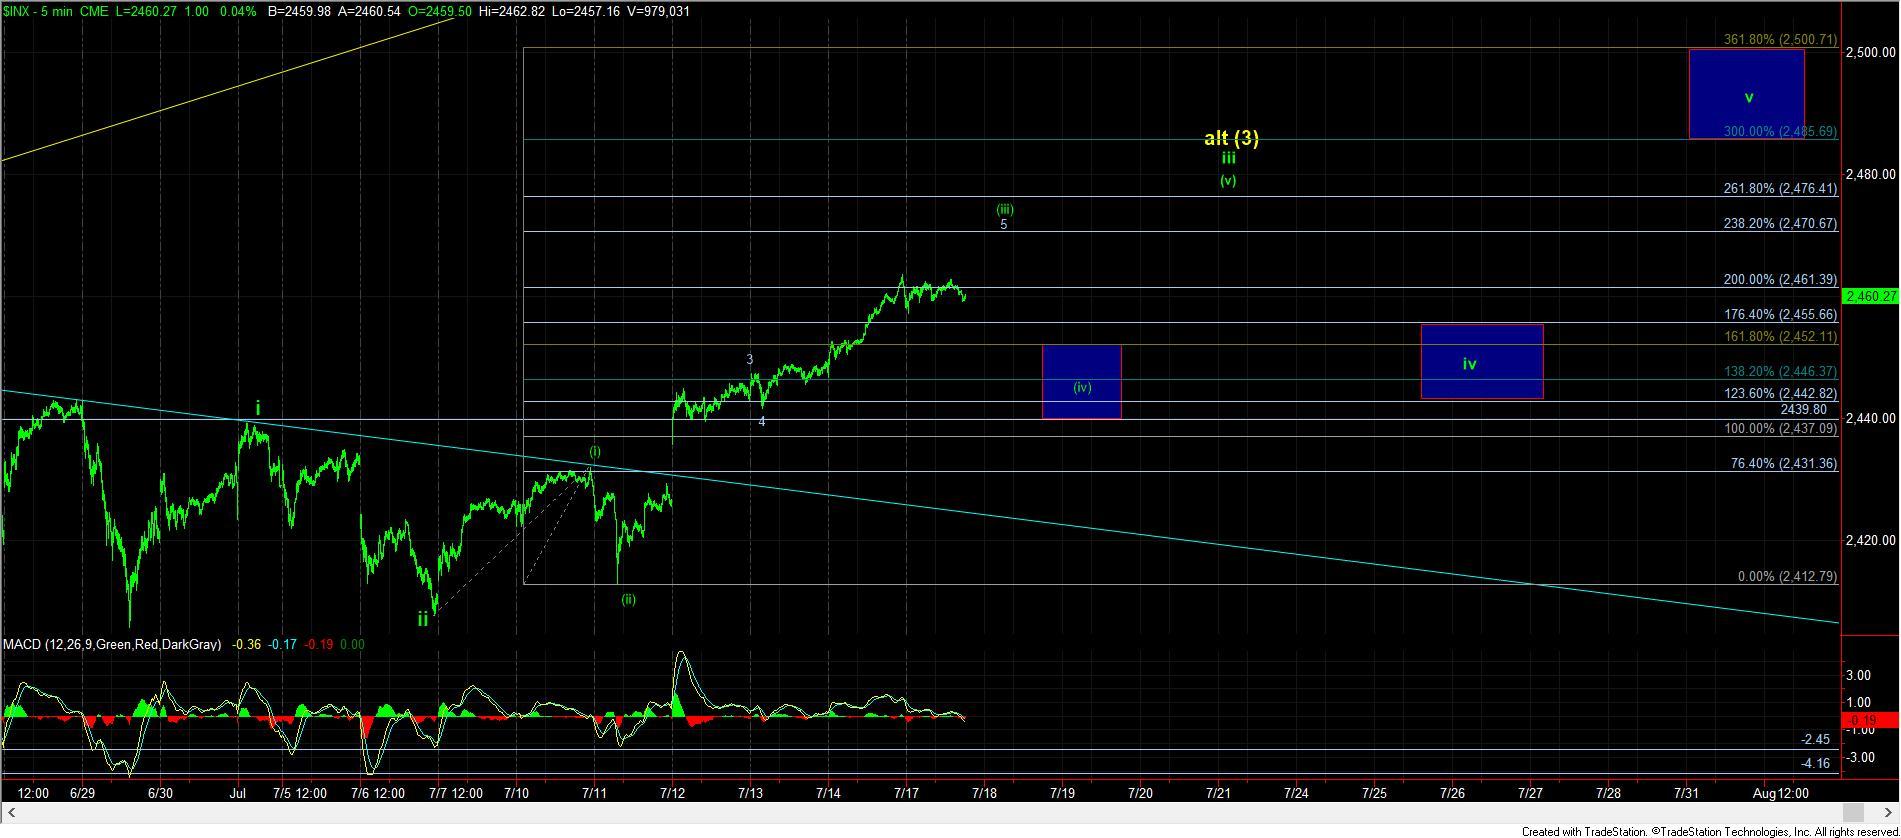 Краткий обзор. S&P500, Nasdaq, VIX, VXX рынок США.